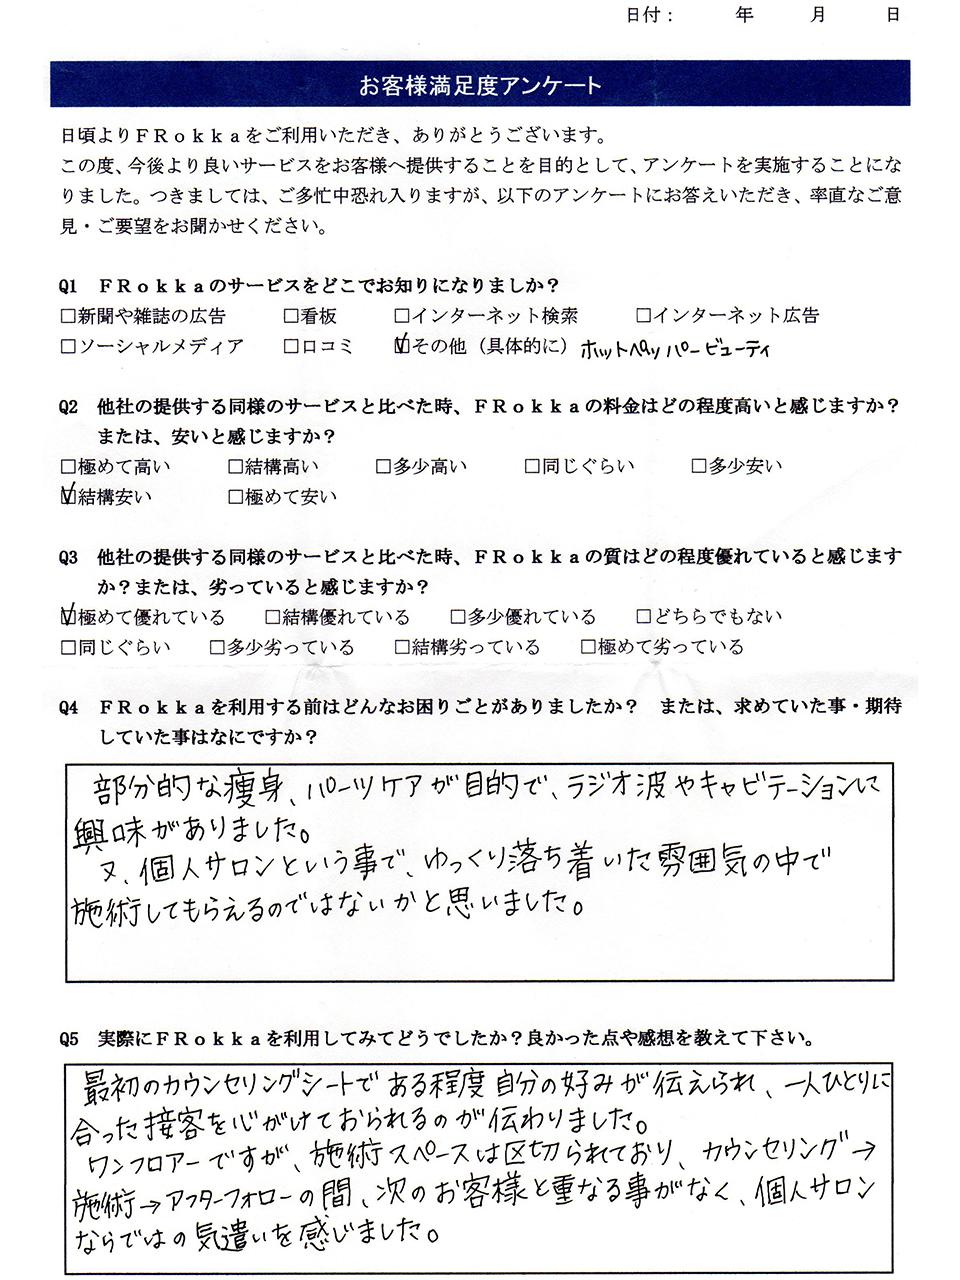 お客様アンケート(30代後半女性)1